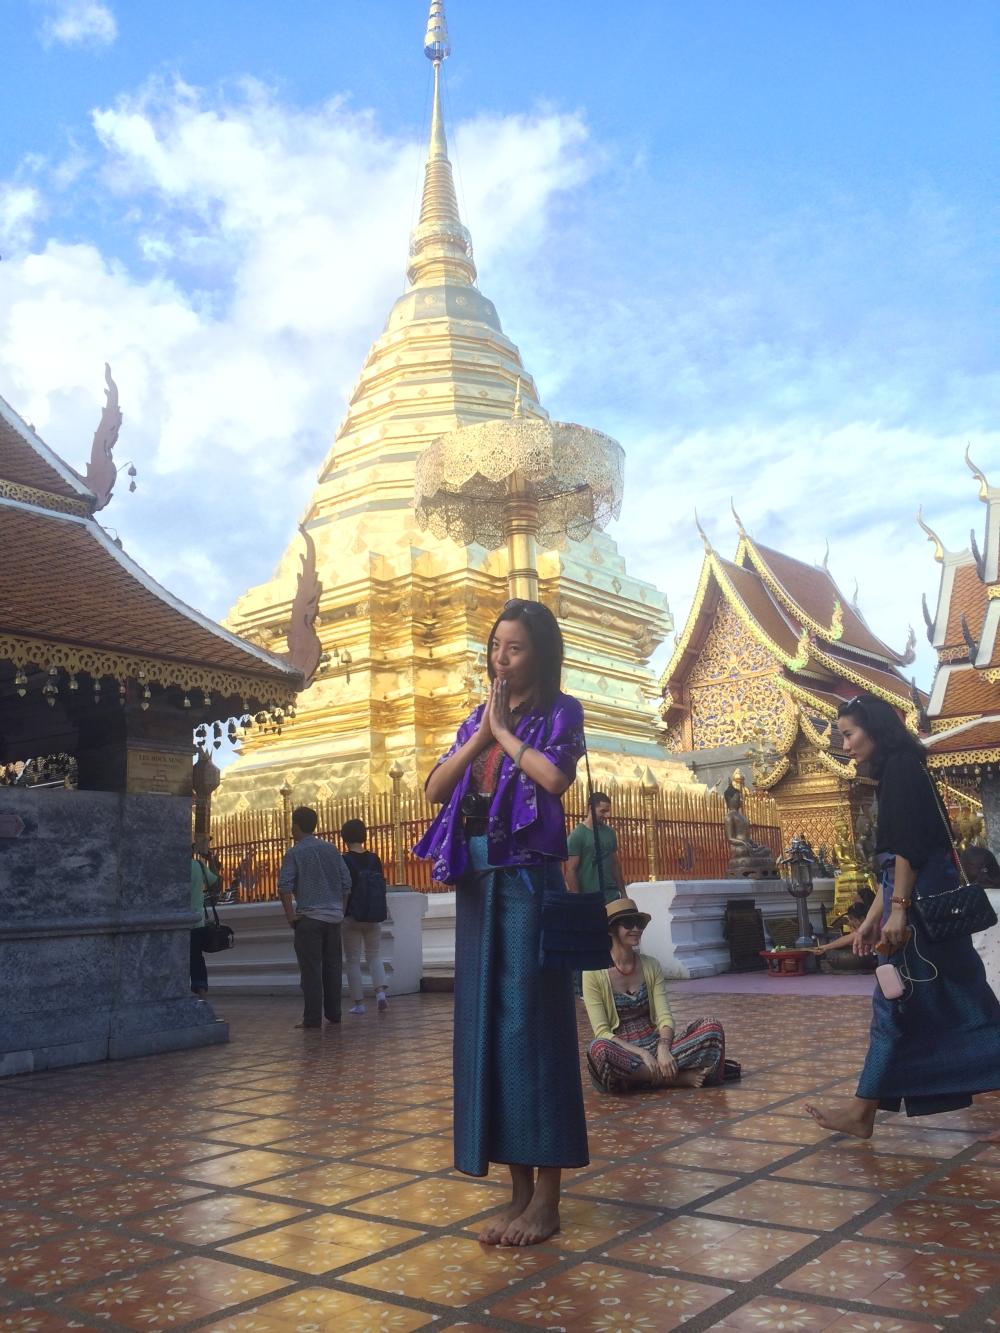 Wat Phrathat Doi Suthep Tempel in den Bergen